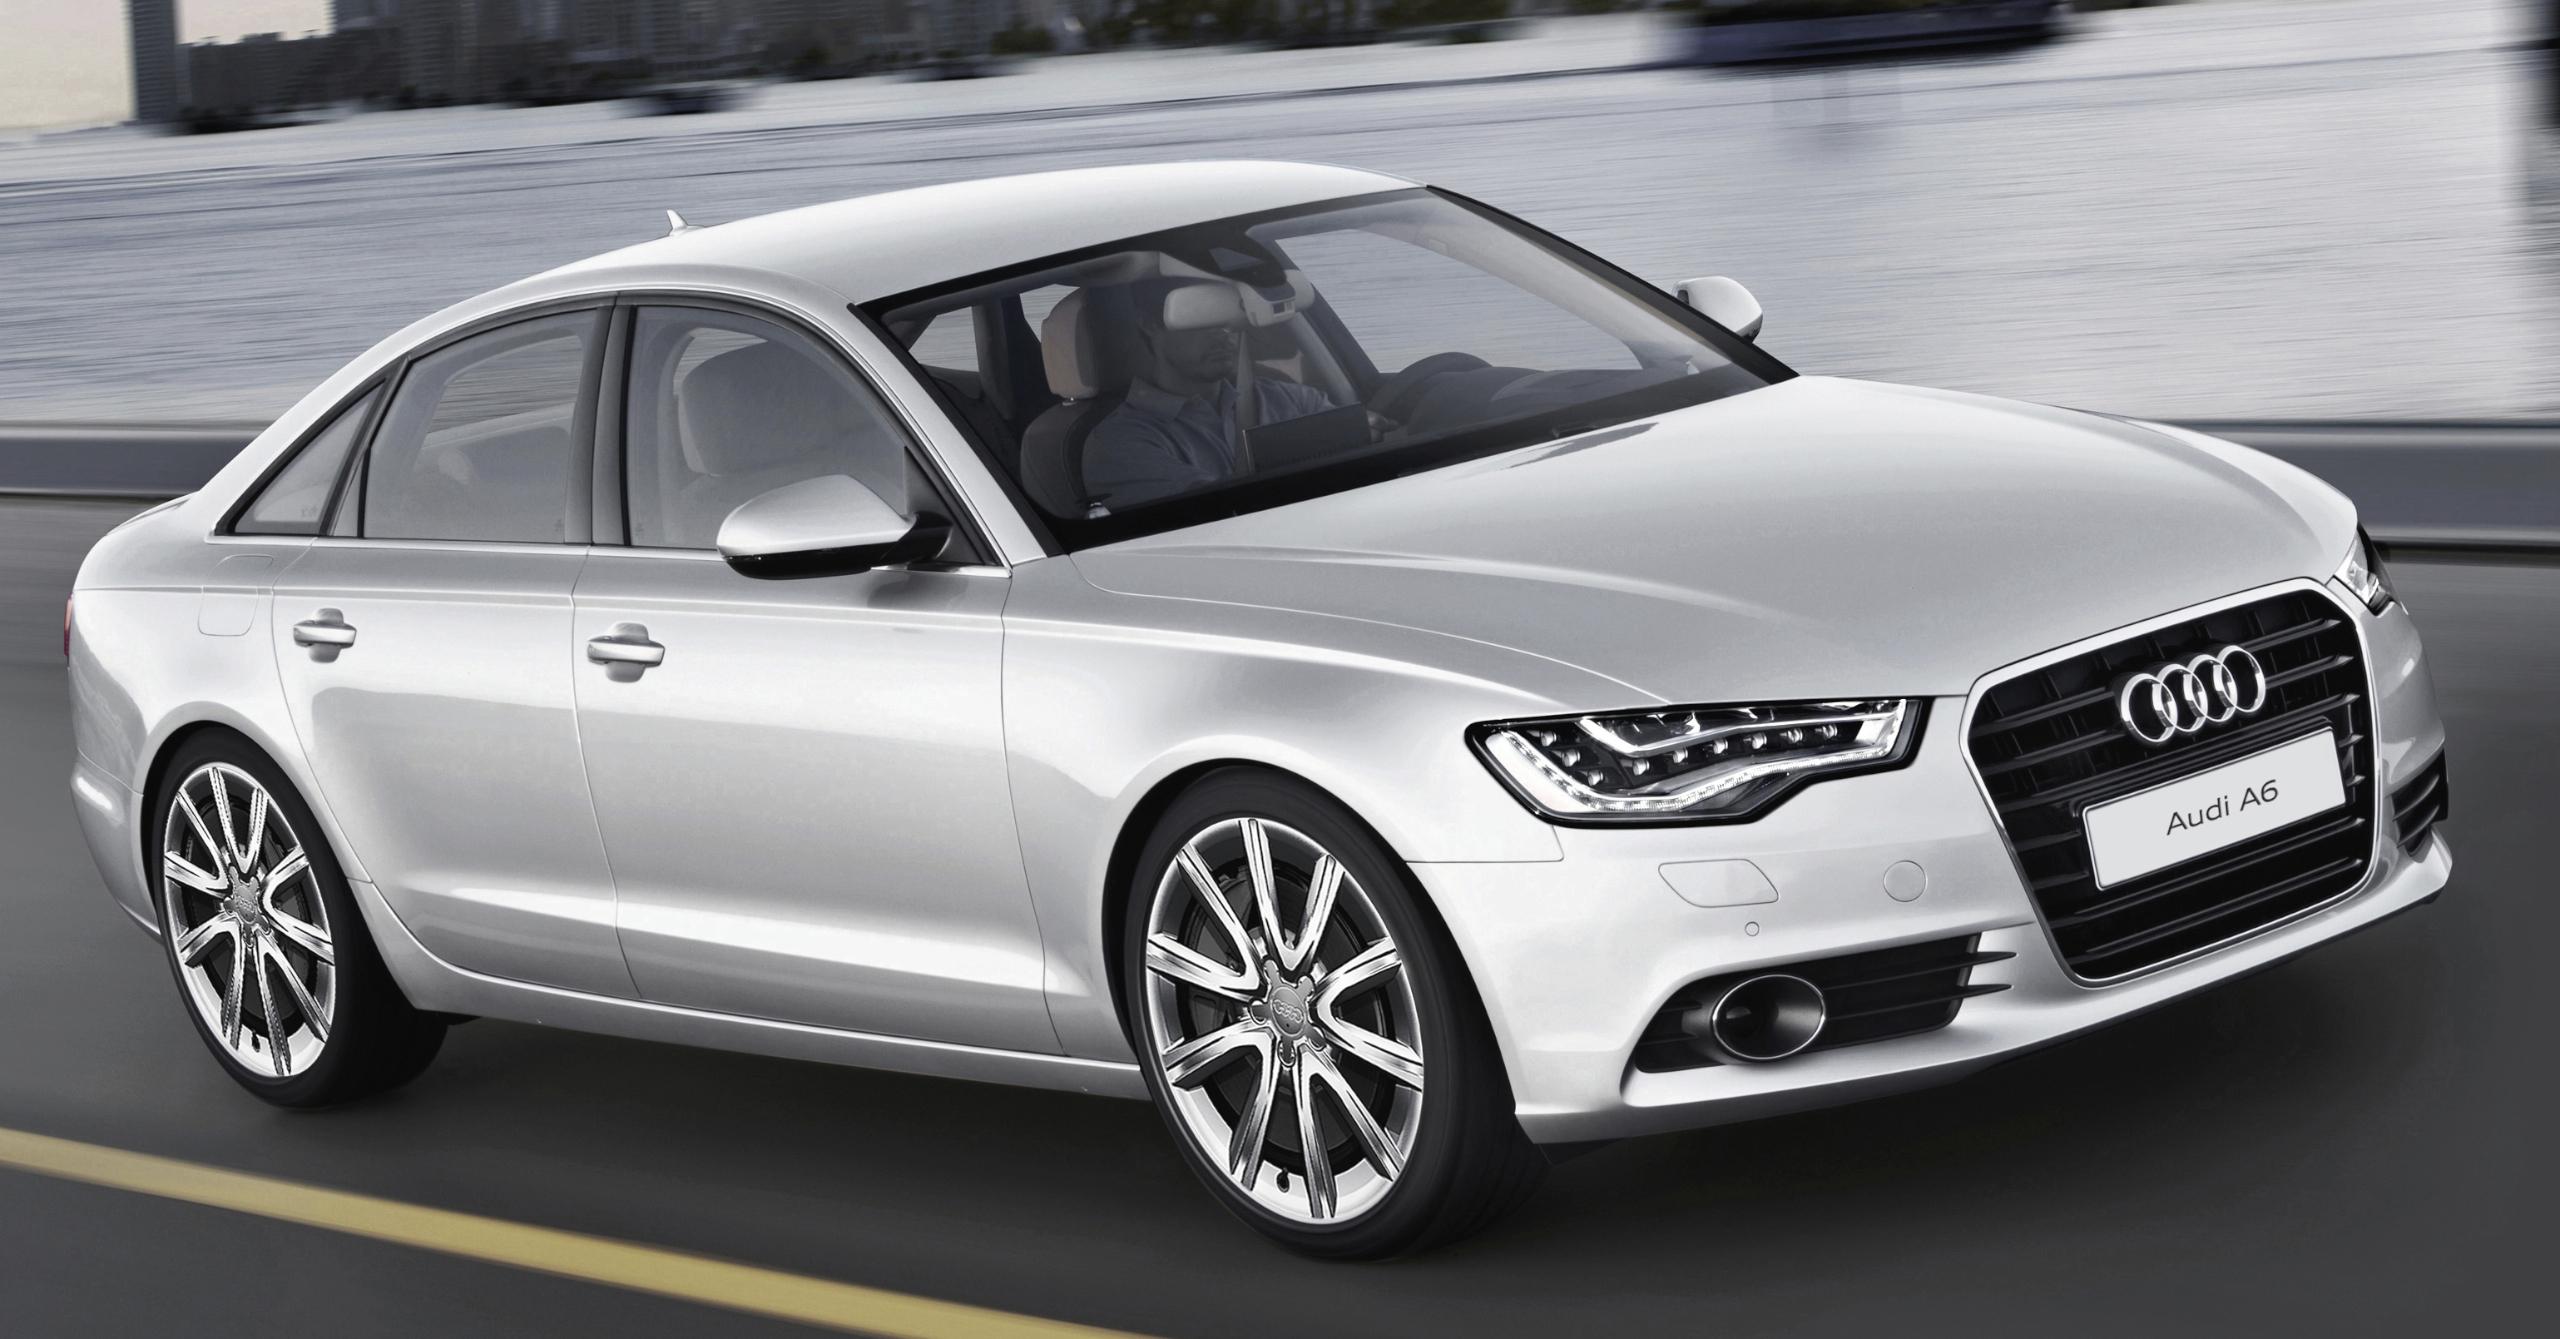 Enhanced Audi A6 2 0 Tfsi Introduced Rm375k Paul Tan